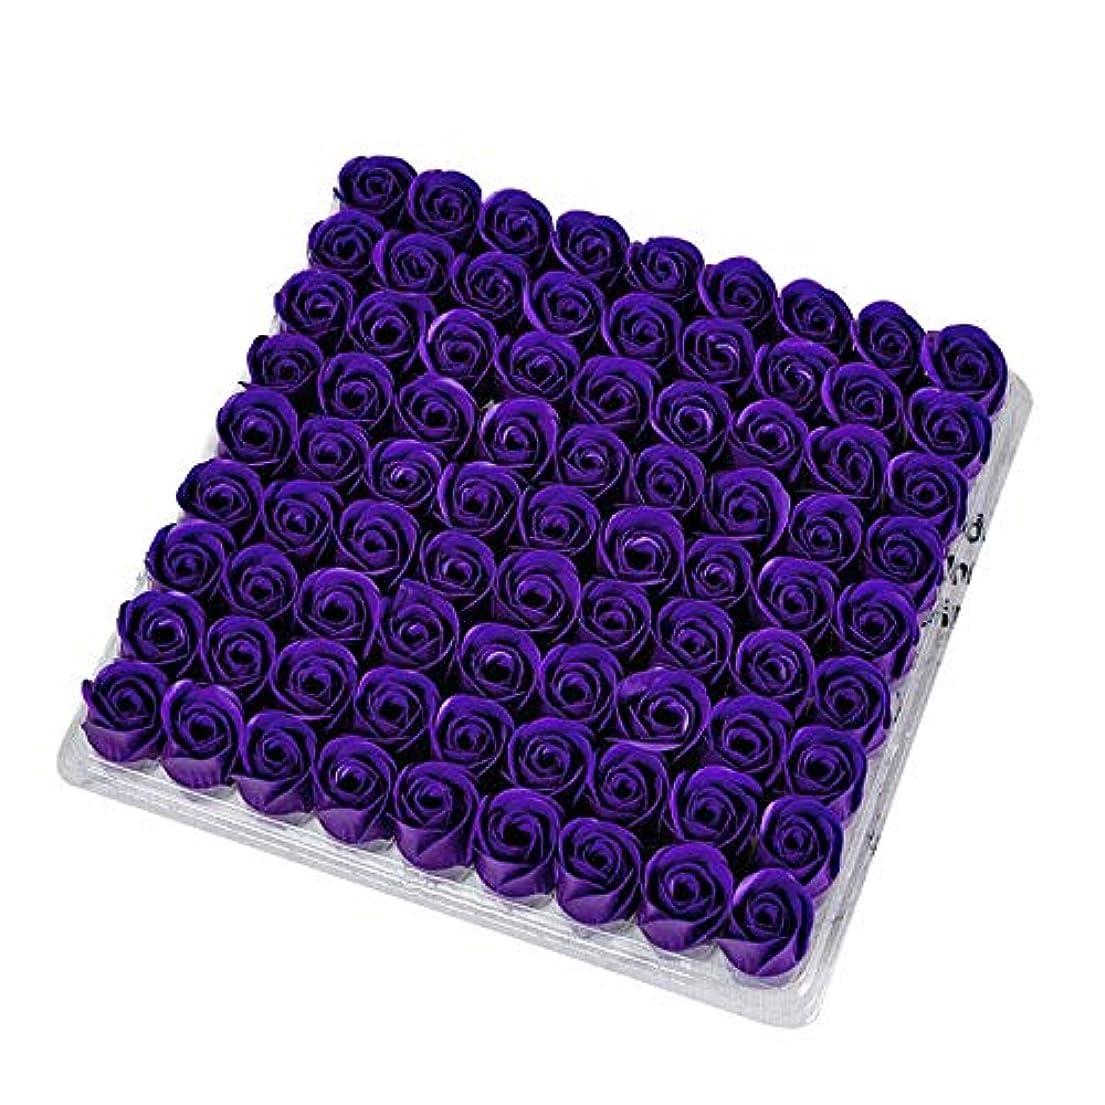 爆風マーカーレールSODIAL 81個の薔薇、バス ボディ フラワー?フローラルの石けん 香りのよいローズフラワー エッセンシャルオイル フローラルのお客様への石鹸 ウェディング、パーティー、バレンタインデーの贈り物、紫色